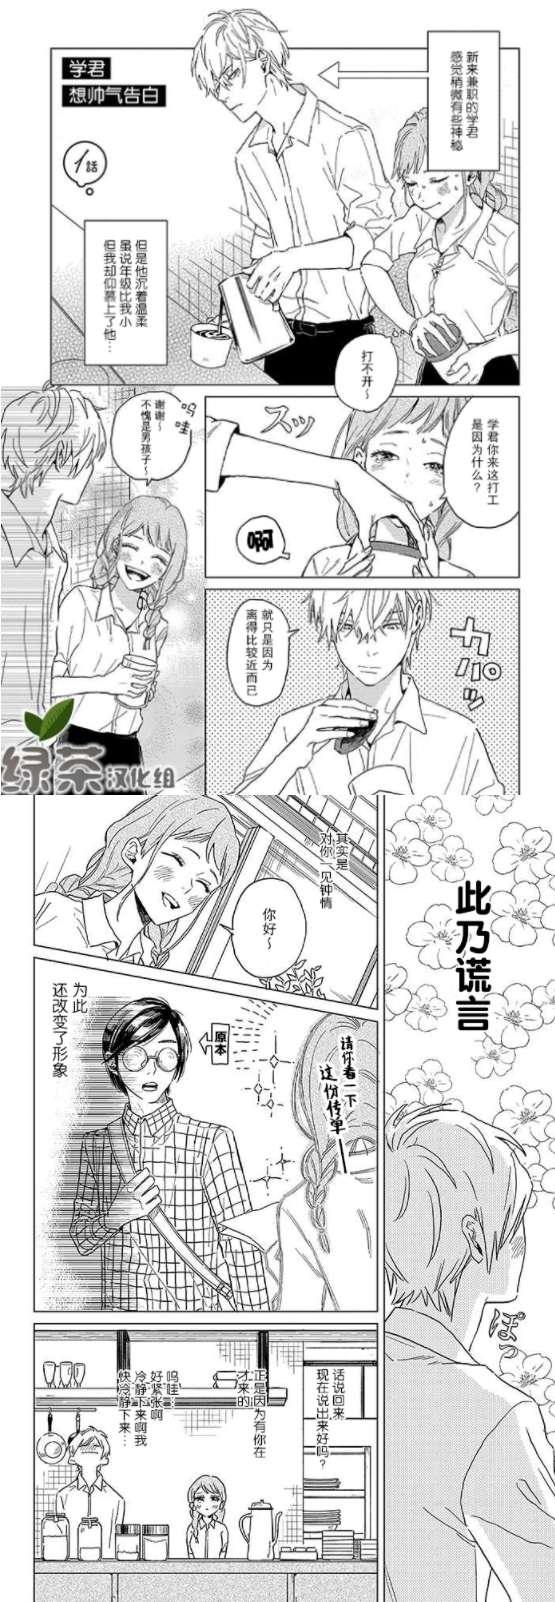 【资讯】男追女恋爱学,近水楼台先得月